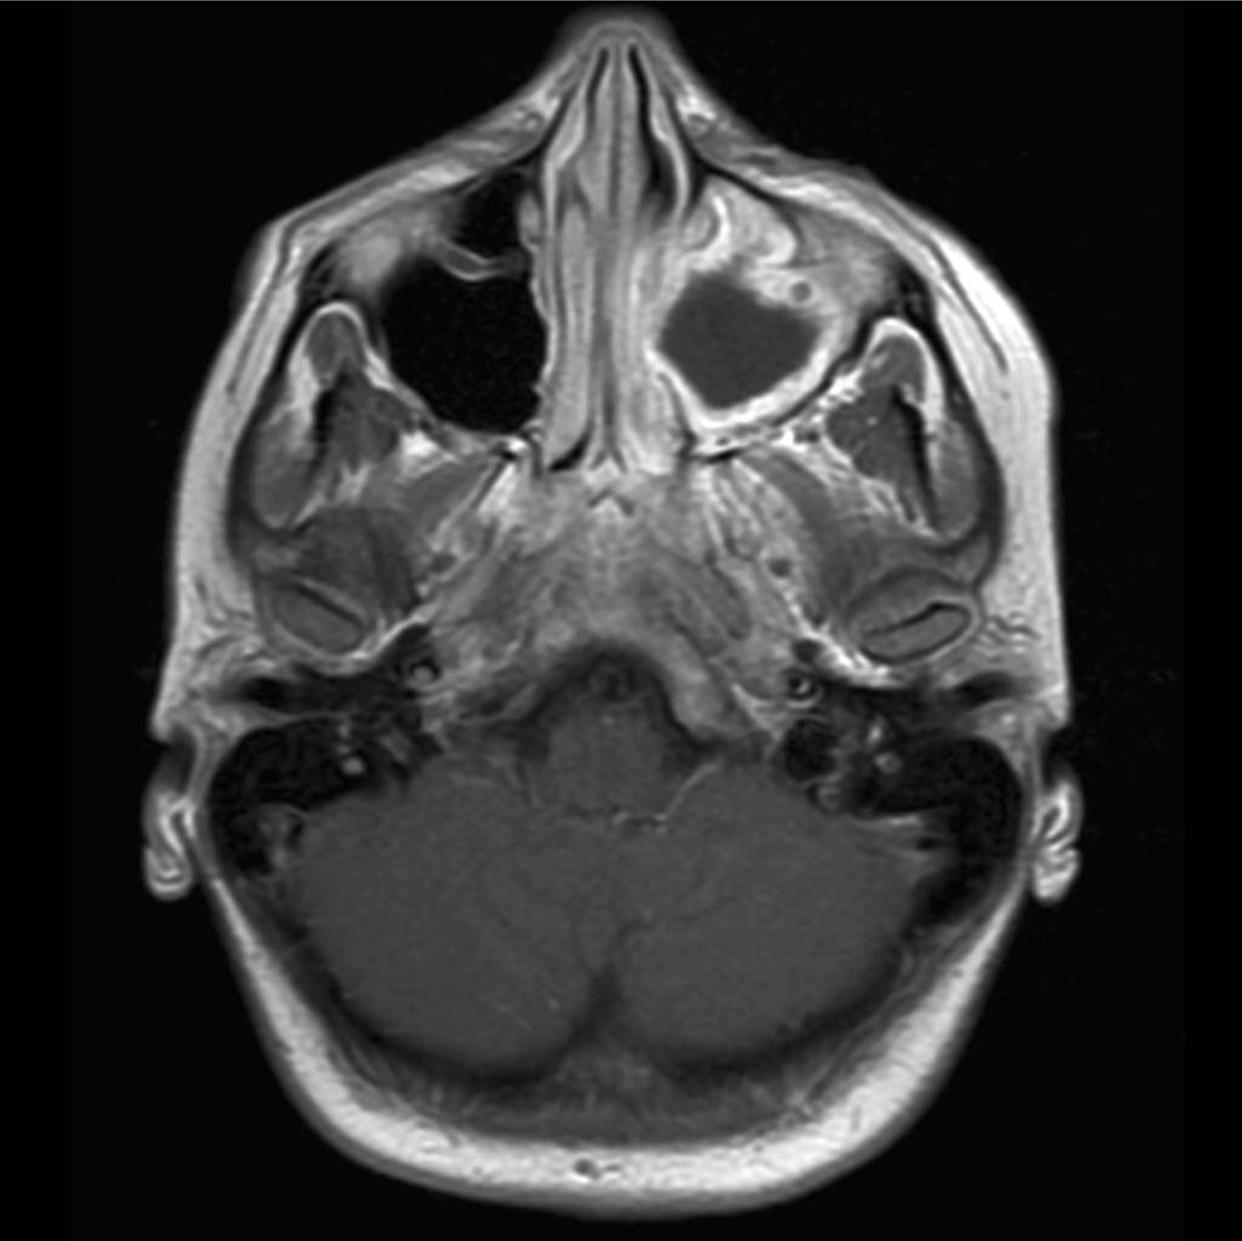 На снимке видно признаки патологического процесса в правой гайморовой пазухе, предположительно отек и экссудат